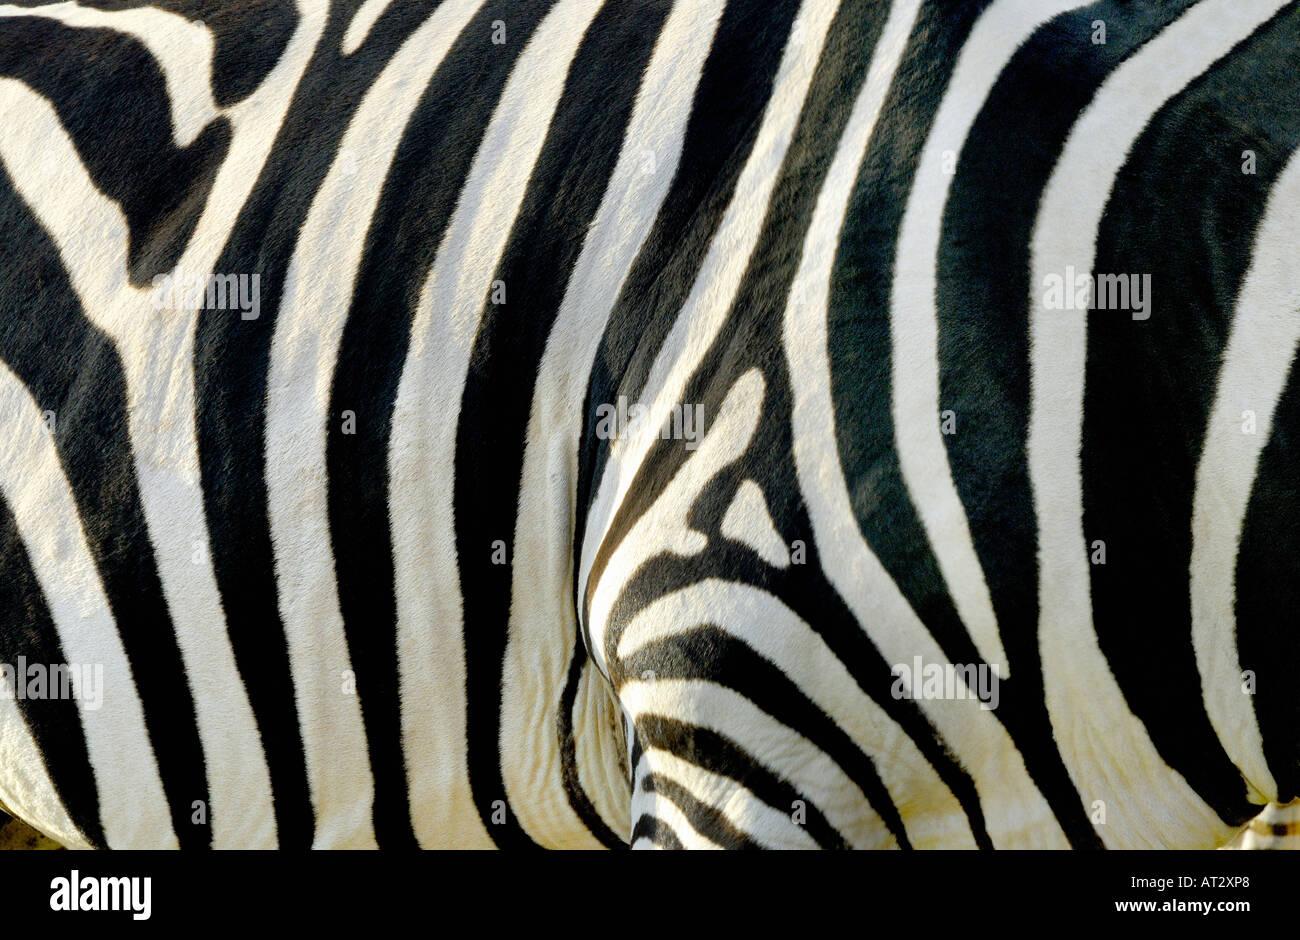 ZEBRA-STREIFEN-MUSTER Stockbild